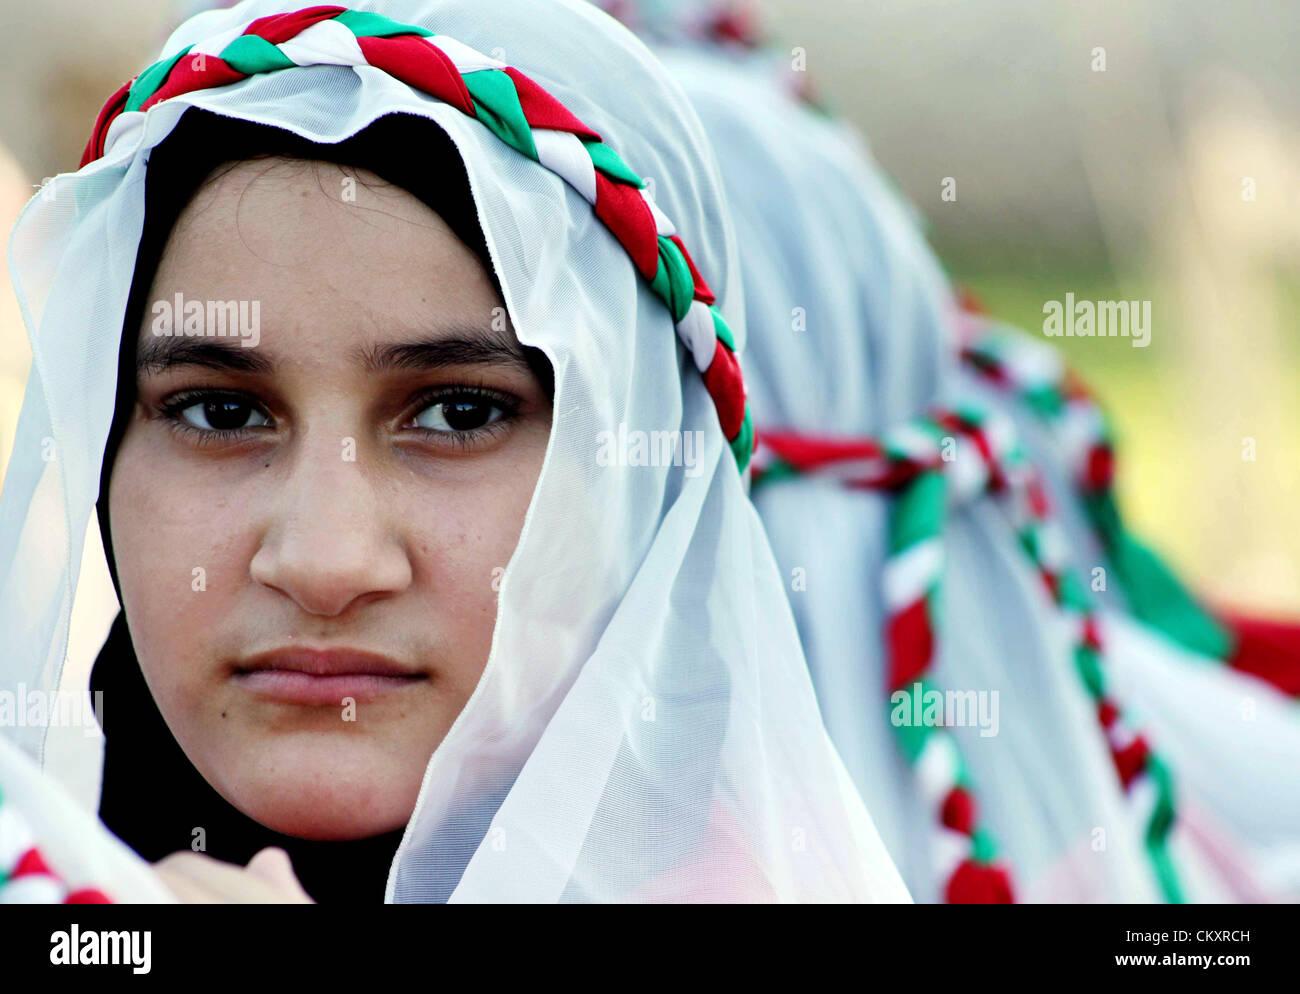 """La ciudad de Gaza, franja de Gaza. Jueves 30 de agosto de 2012. Las niñas palestinas tomar parte en un festival titulado """"Jerusalén en nuestros ojos"""", organizado por el movimiento Hamás, que marca el 43º aniversario de la quema de la mezquita de al-Aqsa en la ciudad de Gaza el 30 de agosto de 2012. El australiano Dennis judío Michael Rohan prendió fuego a la Mezquita al-Aqsa, el tercer lugar más sagrado en el Islam, en agosto de 1969, y el incendio destruyó 1000 años precioso e histórico púlpito. Foto de stock"""